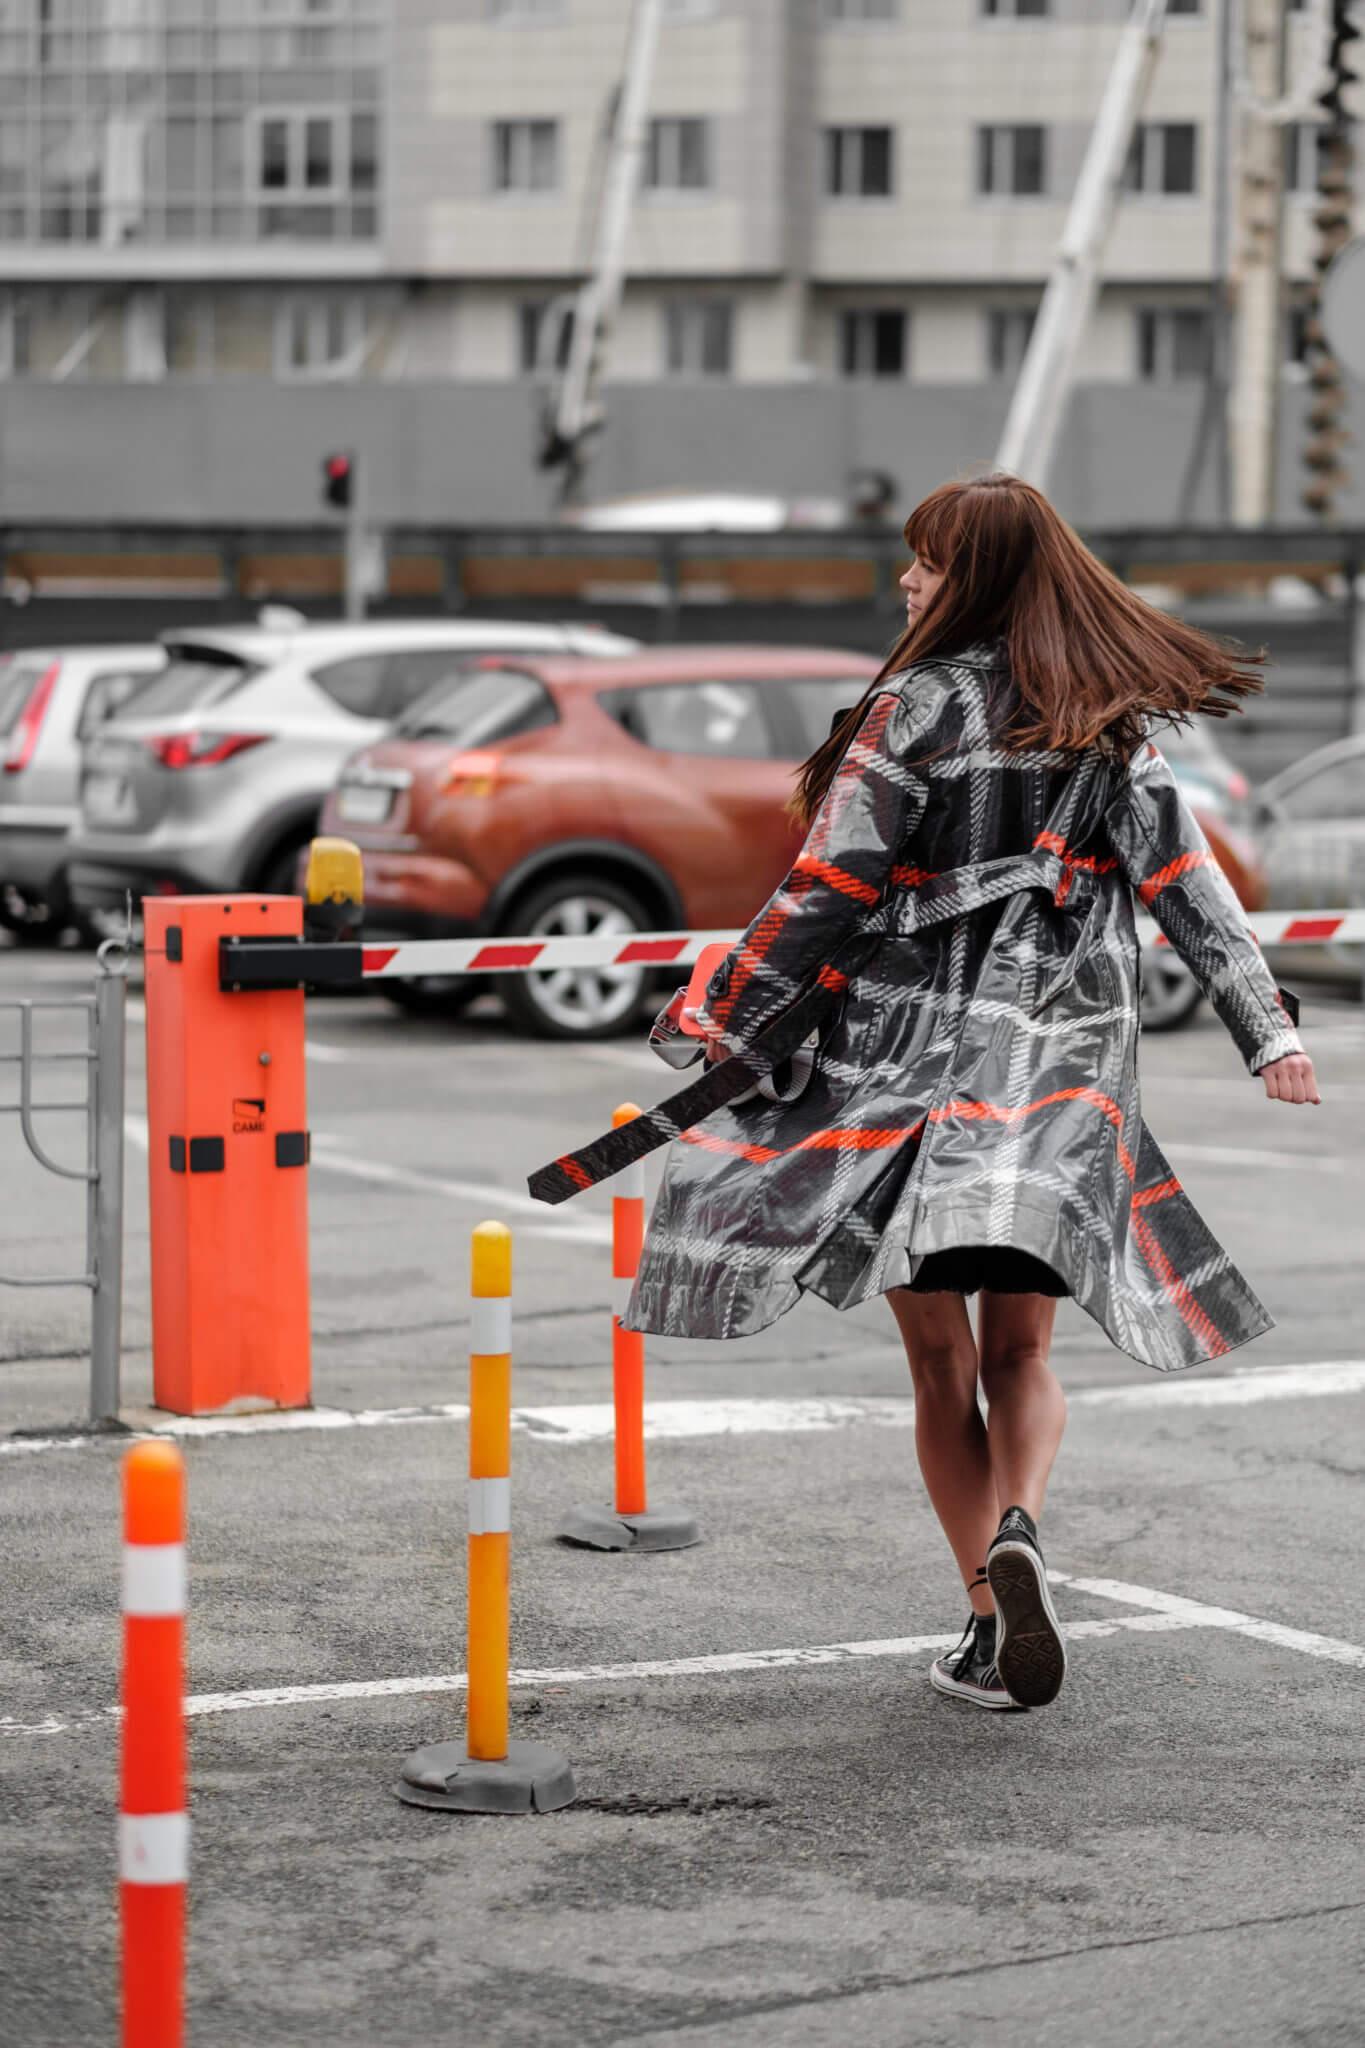 Рекламная съемка для бренда #proSTORELUCHYNSKA. Ph Постникова, уличная съемка, девушка в плаще на фоне стоянки